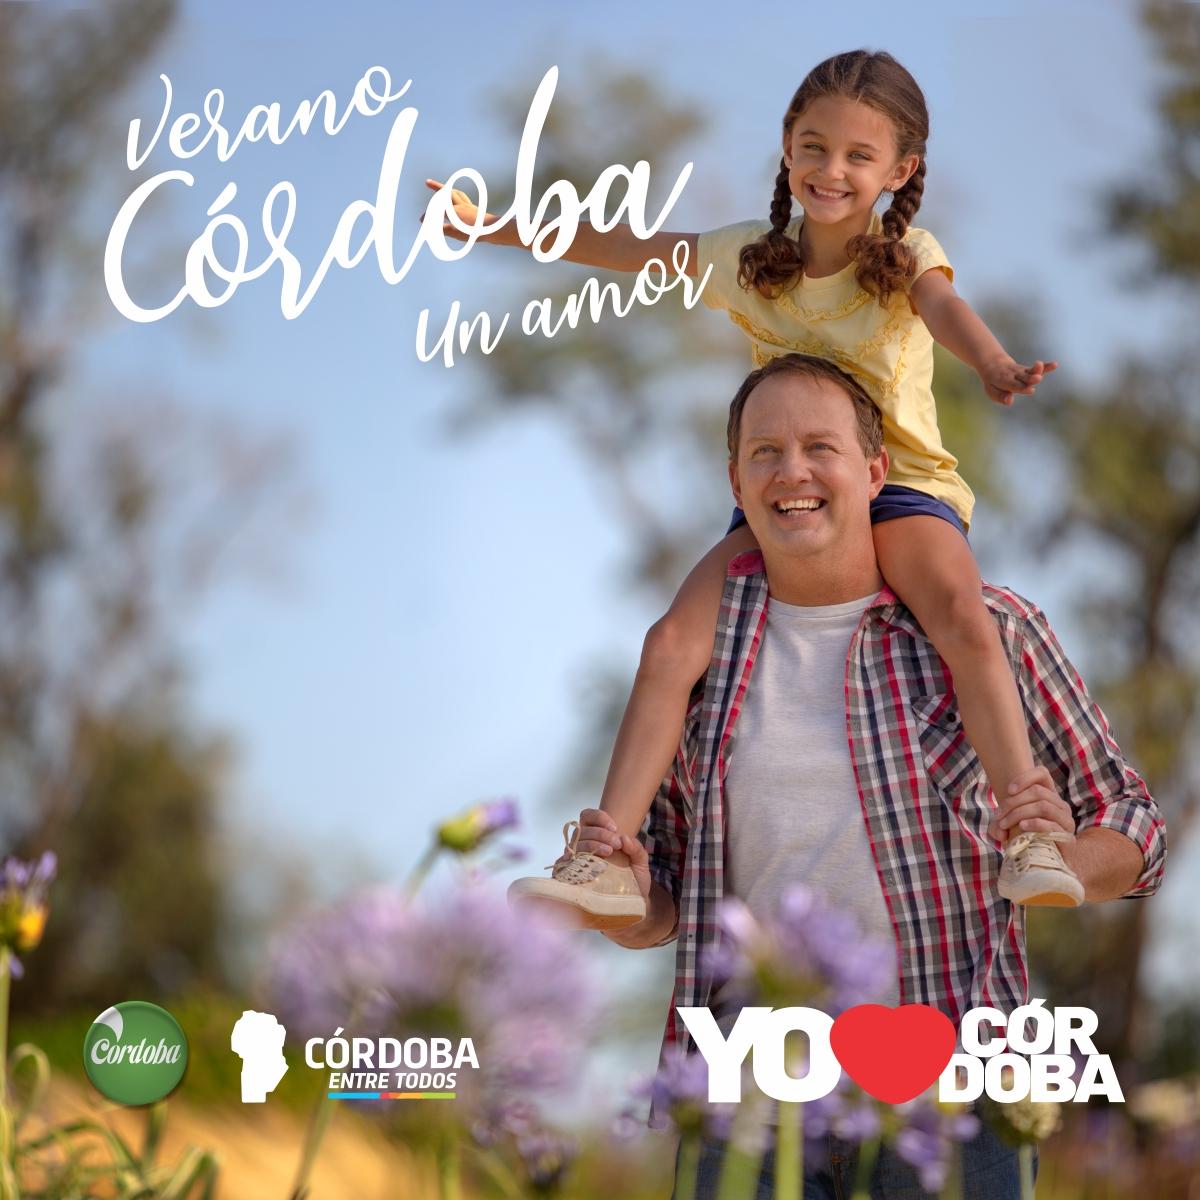 Córdoba lanza su temporada de Verano 2020